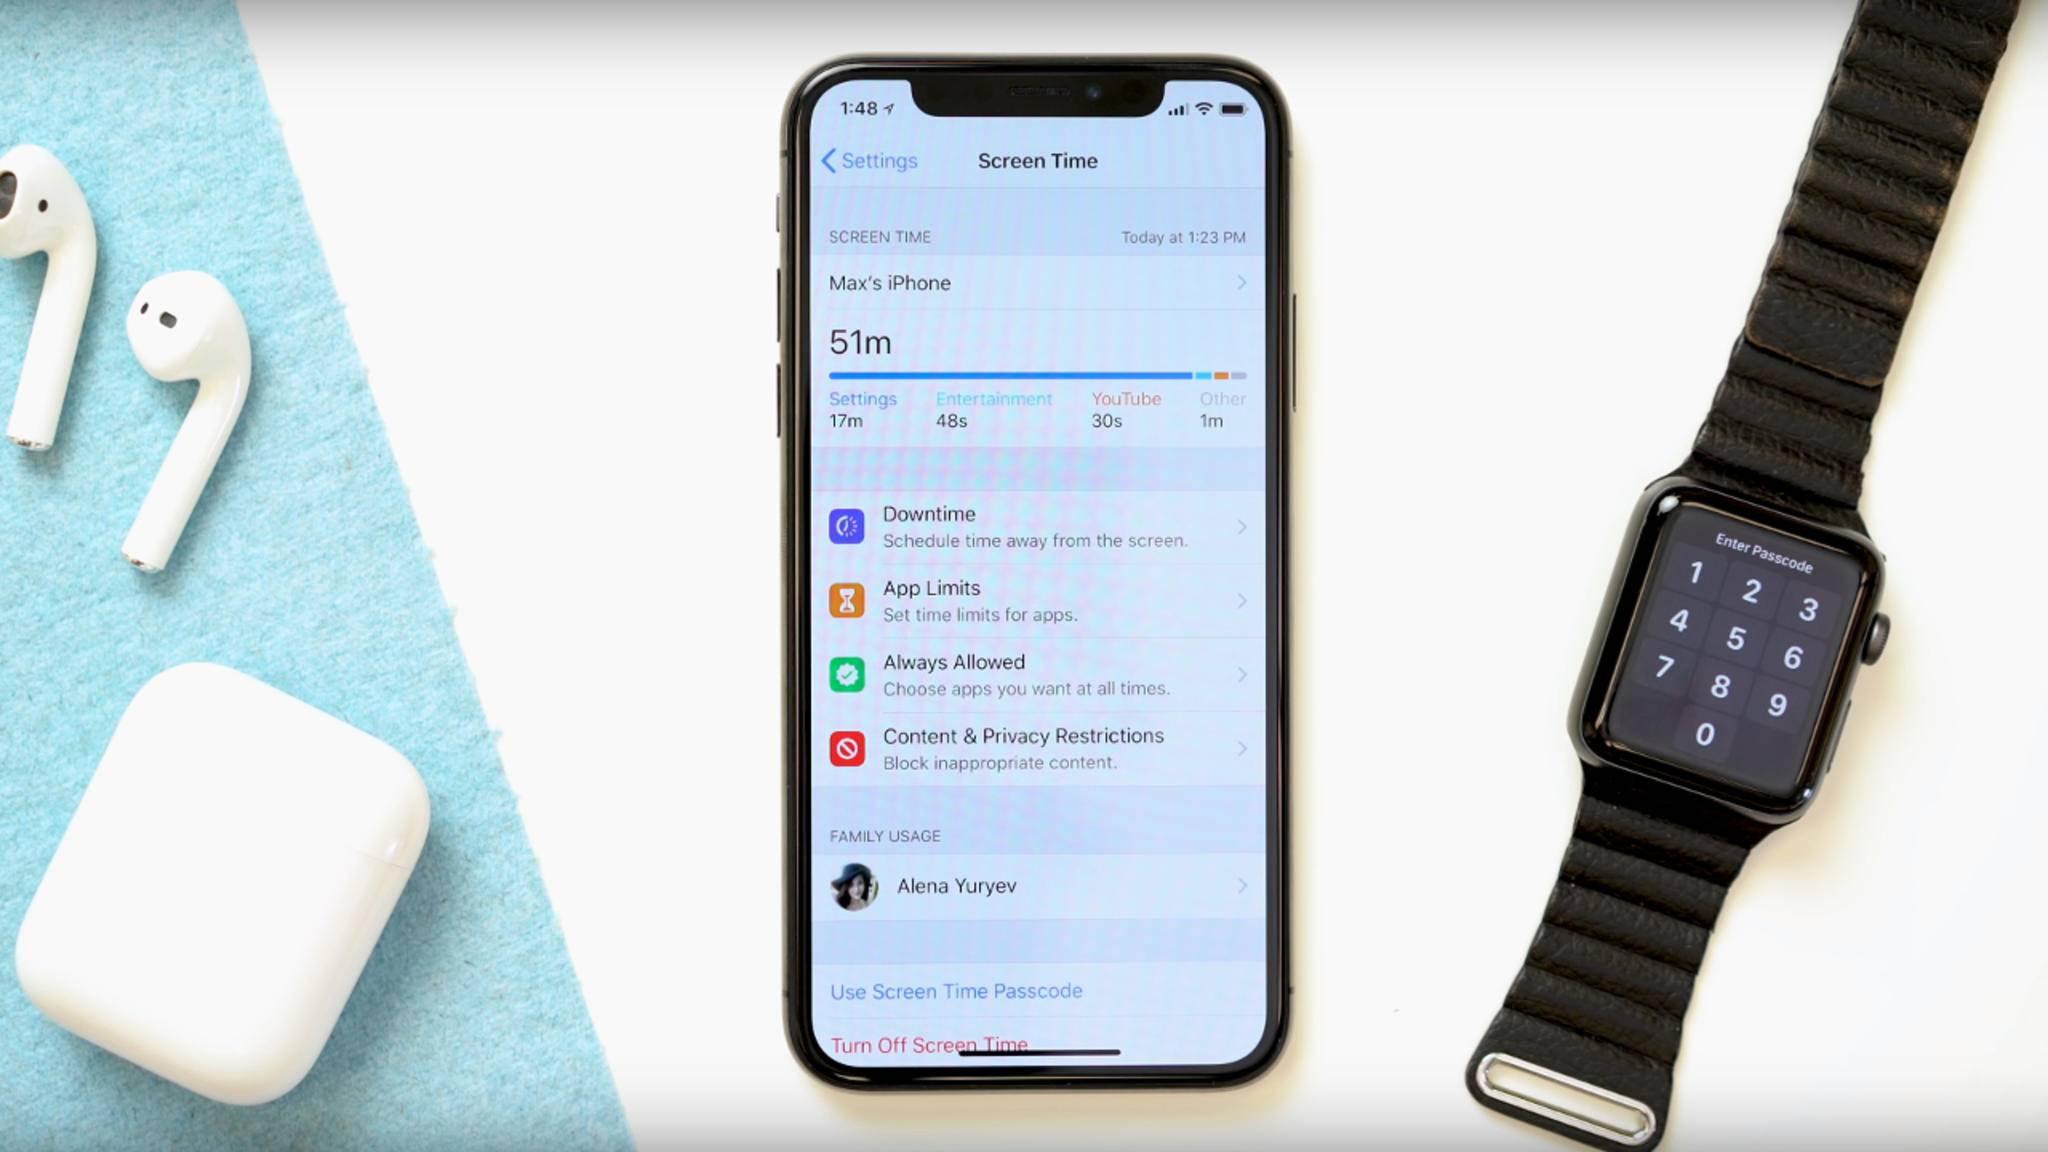 Mit Screen Time kann die eigene iPhone-Nutzungszeit begrenzt werden.